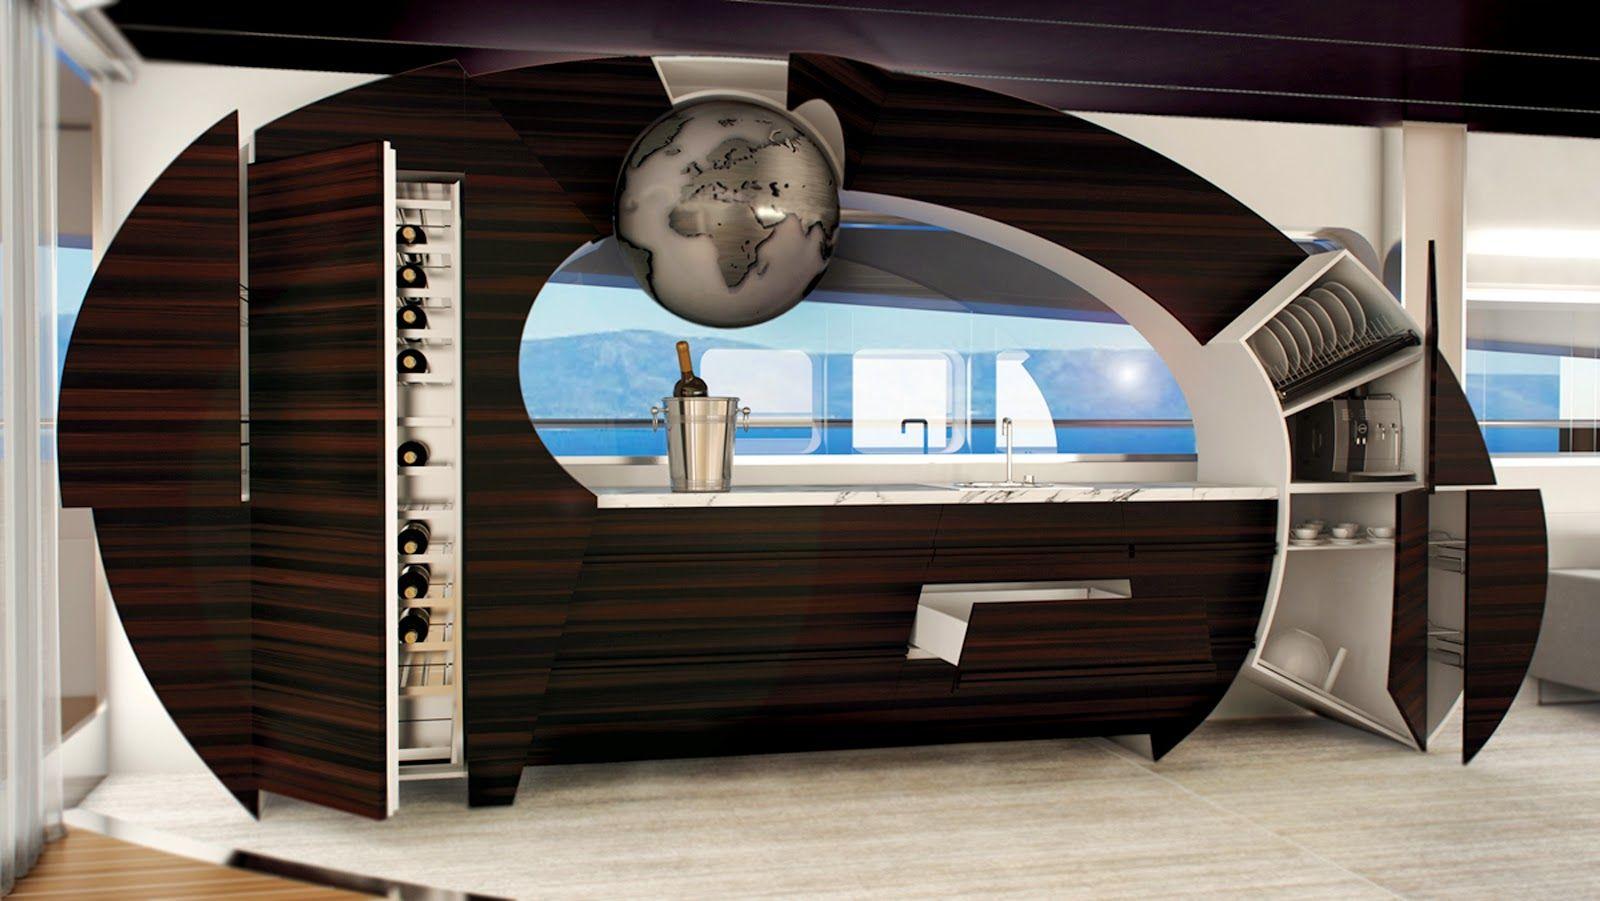 Bonito Indio Diseño Modular Interior De La Cocina Imágenes - Ideas ...